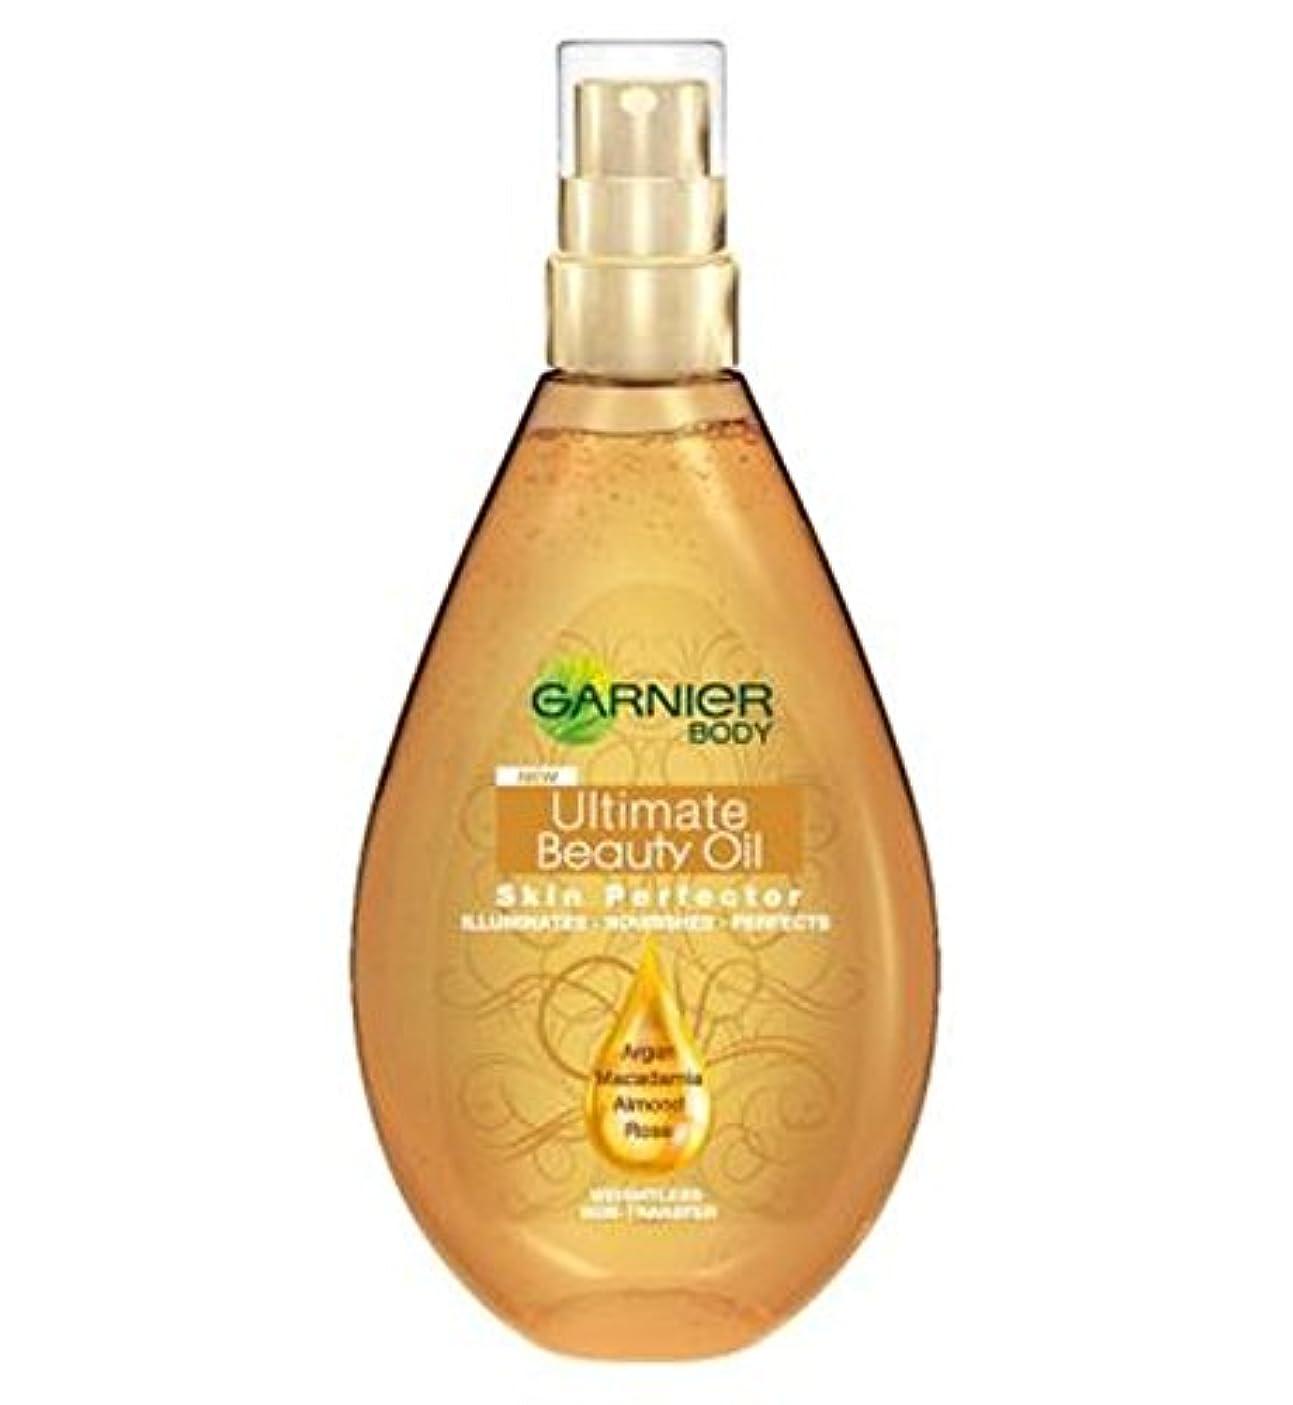 モンク不正確つかいますGarnier Ultimate Beauty Oil Skin Perfector 150ml - ガルニエ究極の美容オイルスキンパーフェクの150ミリリットル (Garnier) [並行輸入品]